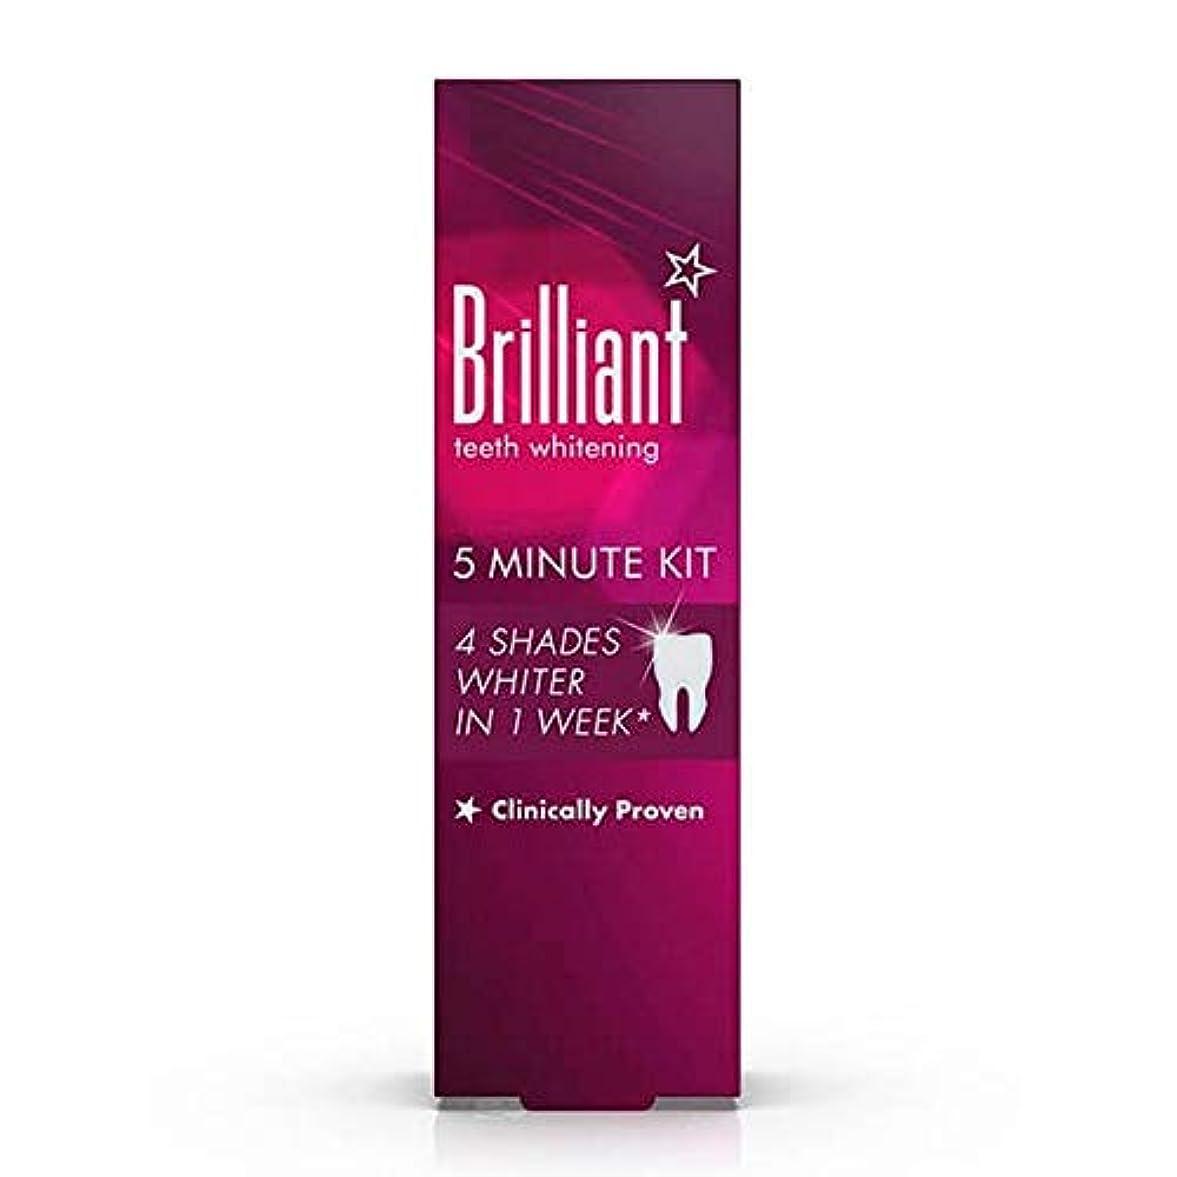 振り子ドリル振り子[Brilliant ] 華麗な5分の歯のホワイトニングキット - Brilliant 5 Minute Tooth Whitening Kit [並行輸入品]